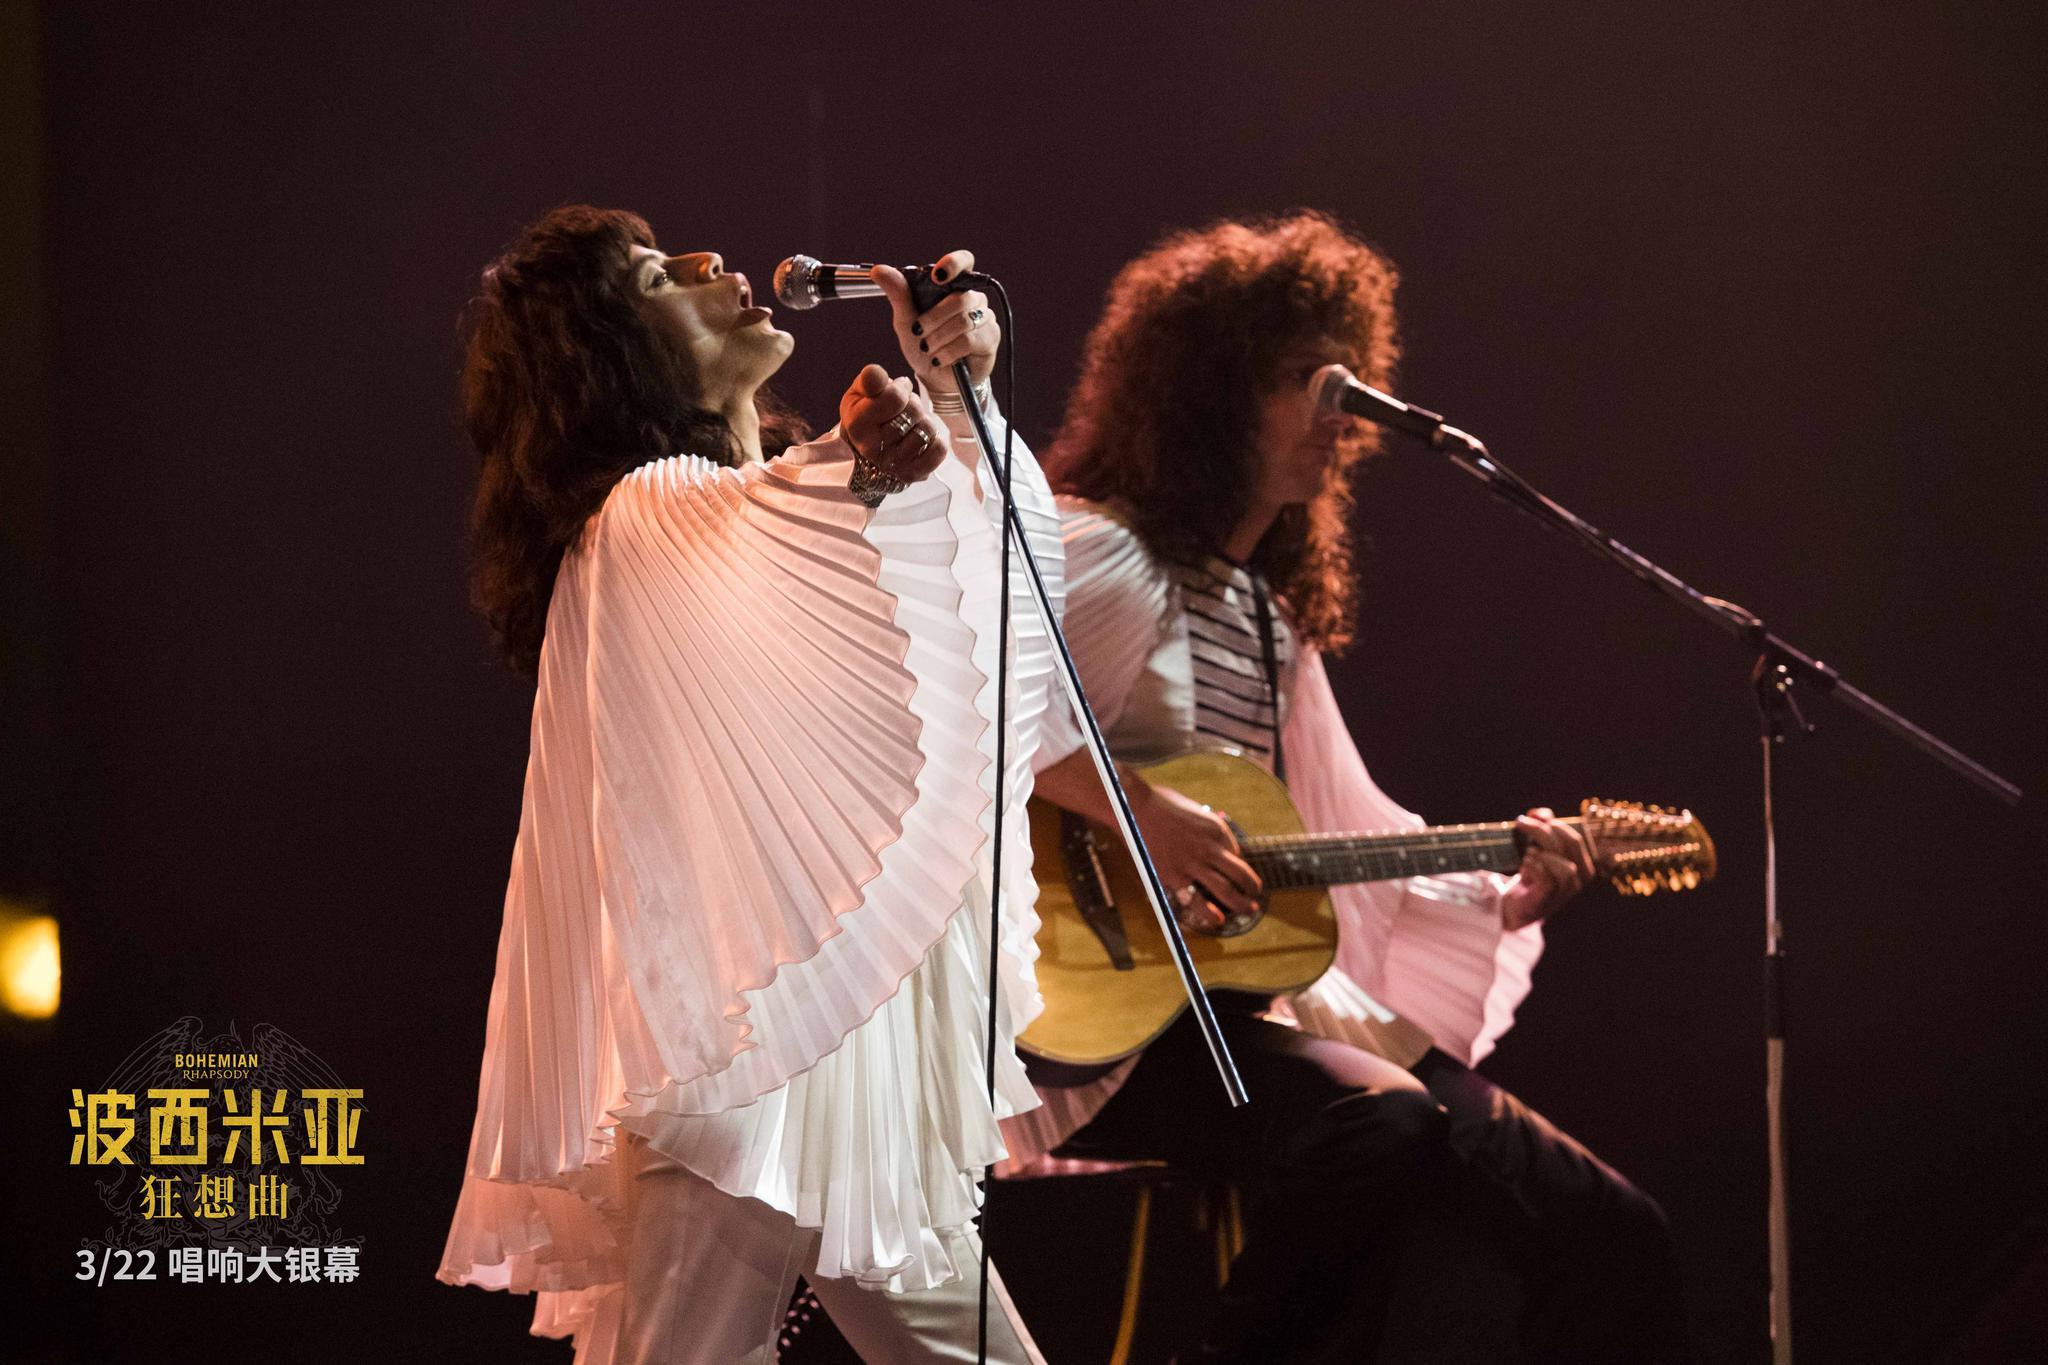 《波西米亚狂想曲》曝情感预告 皇后乐队寄情于音乐收获一生挚爱